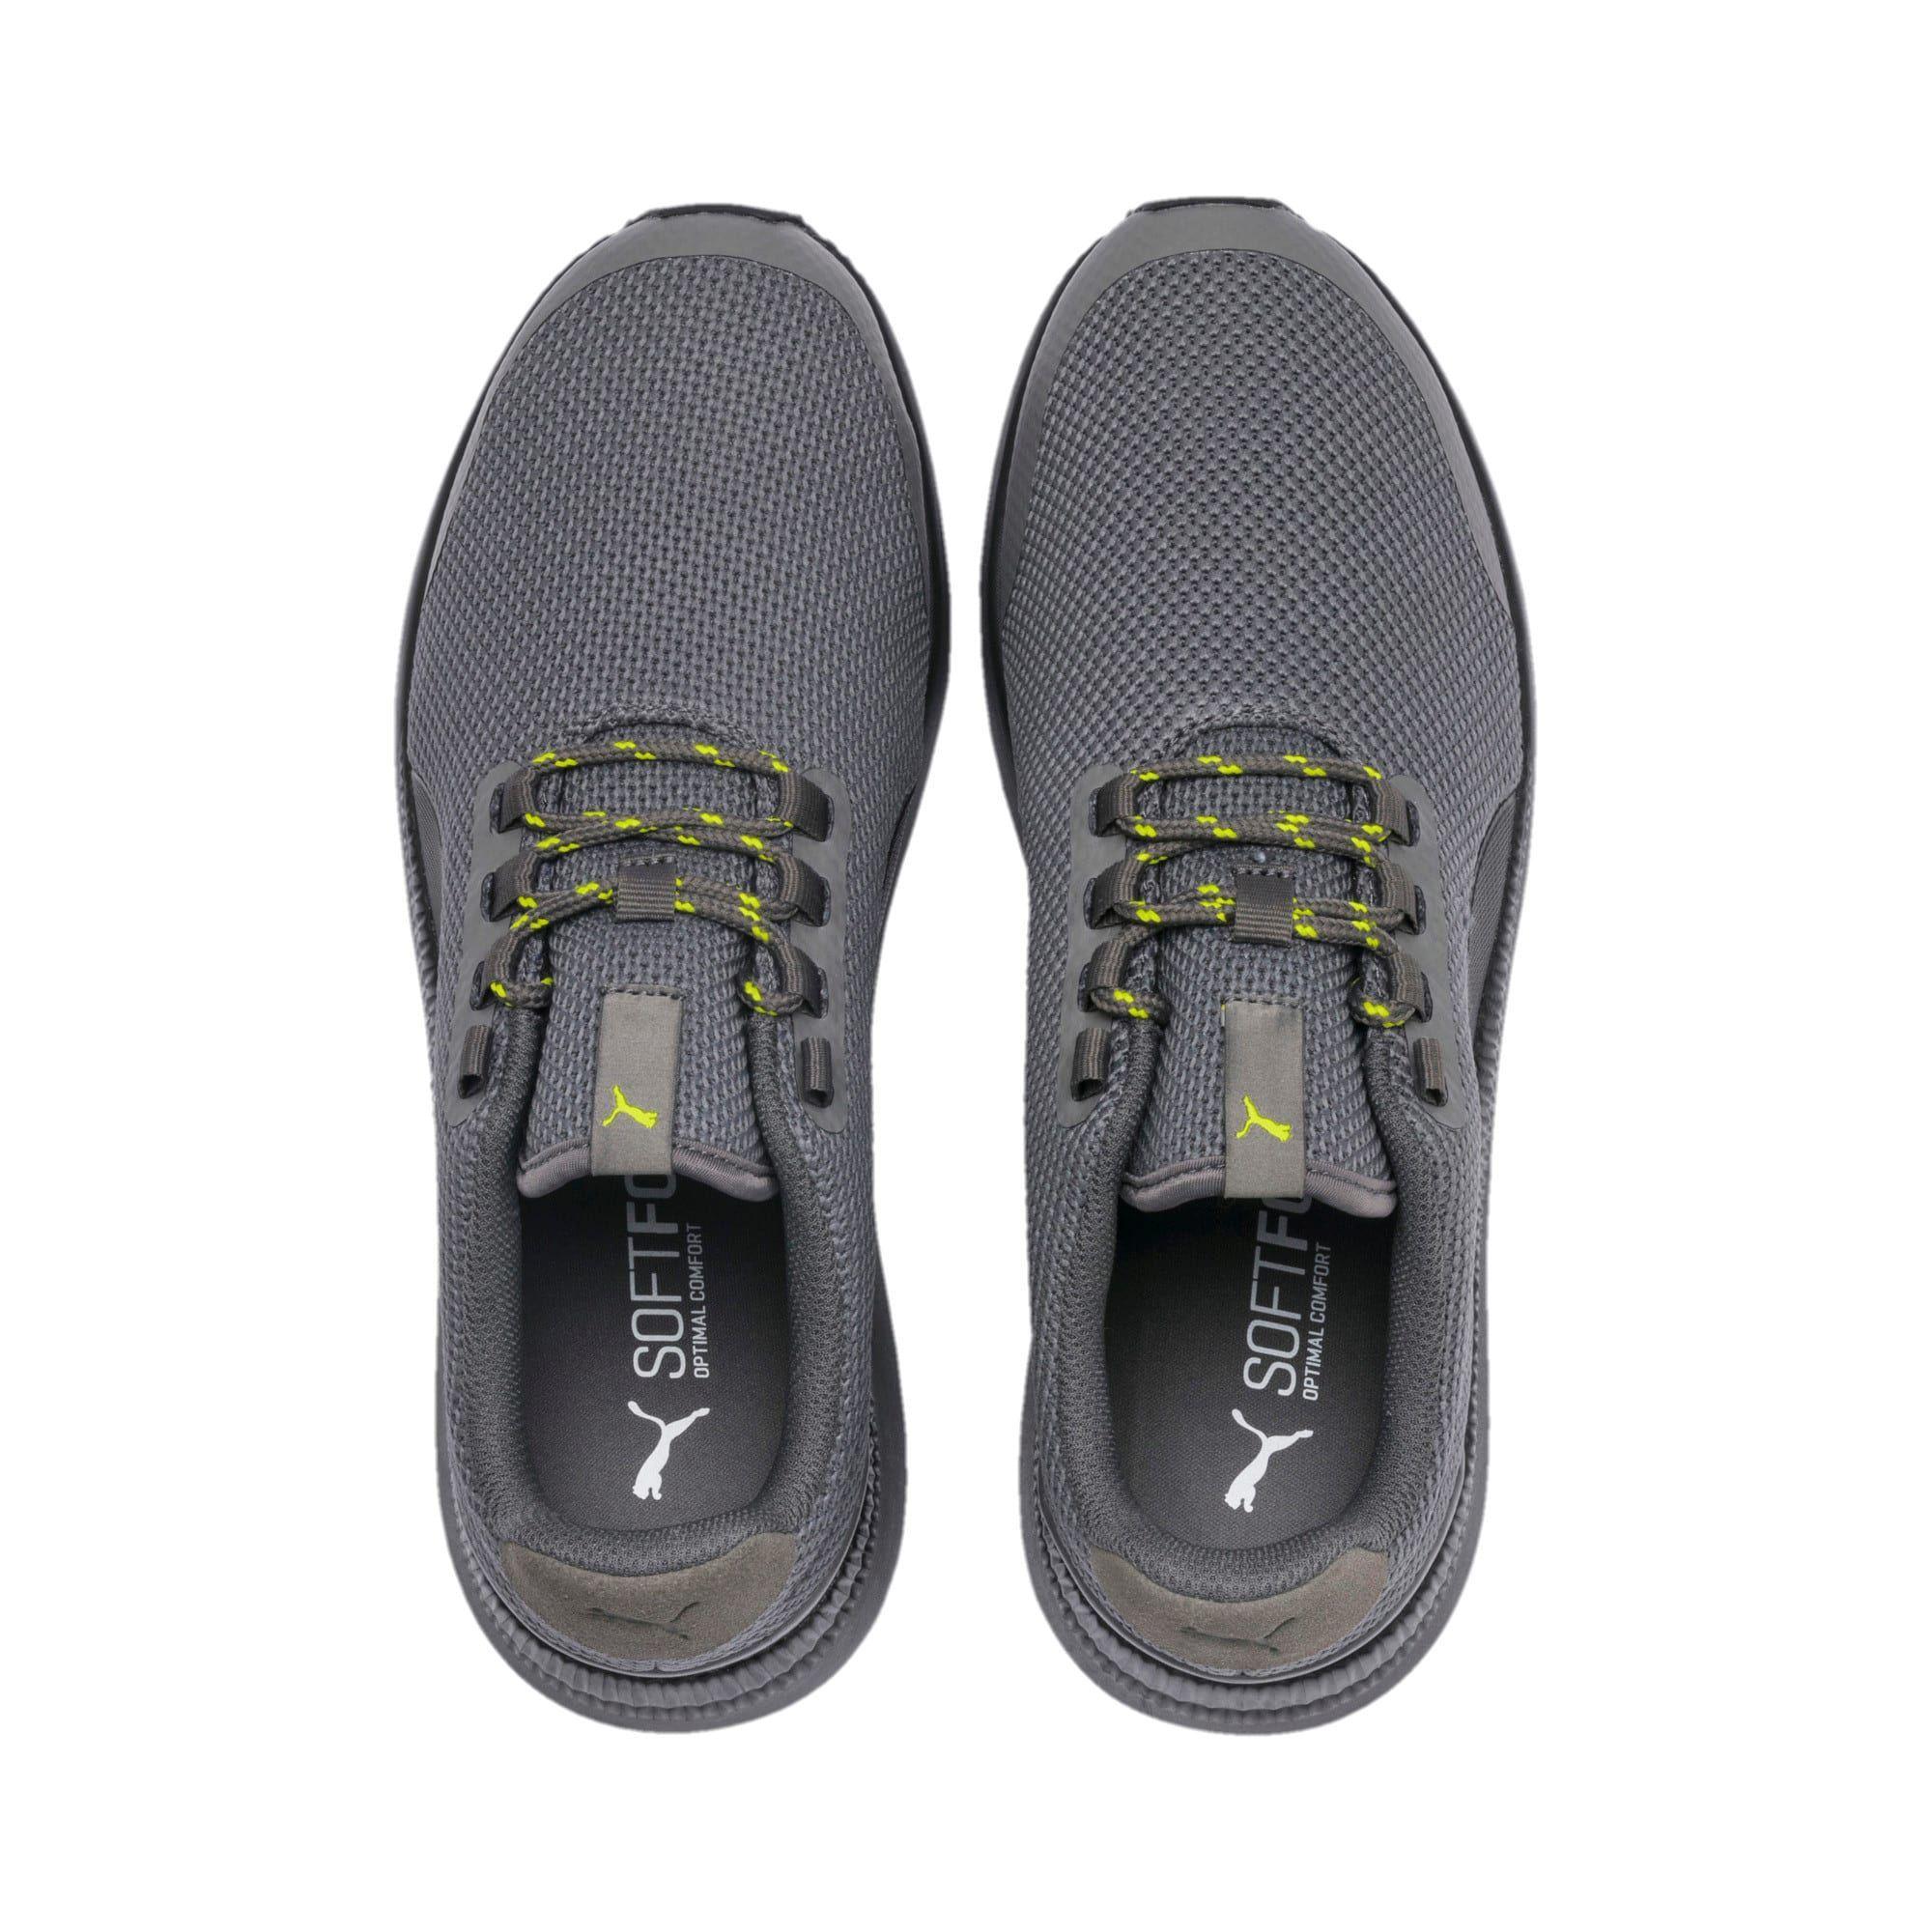 Pumas shoes, Puma